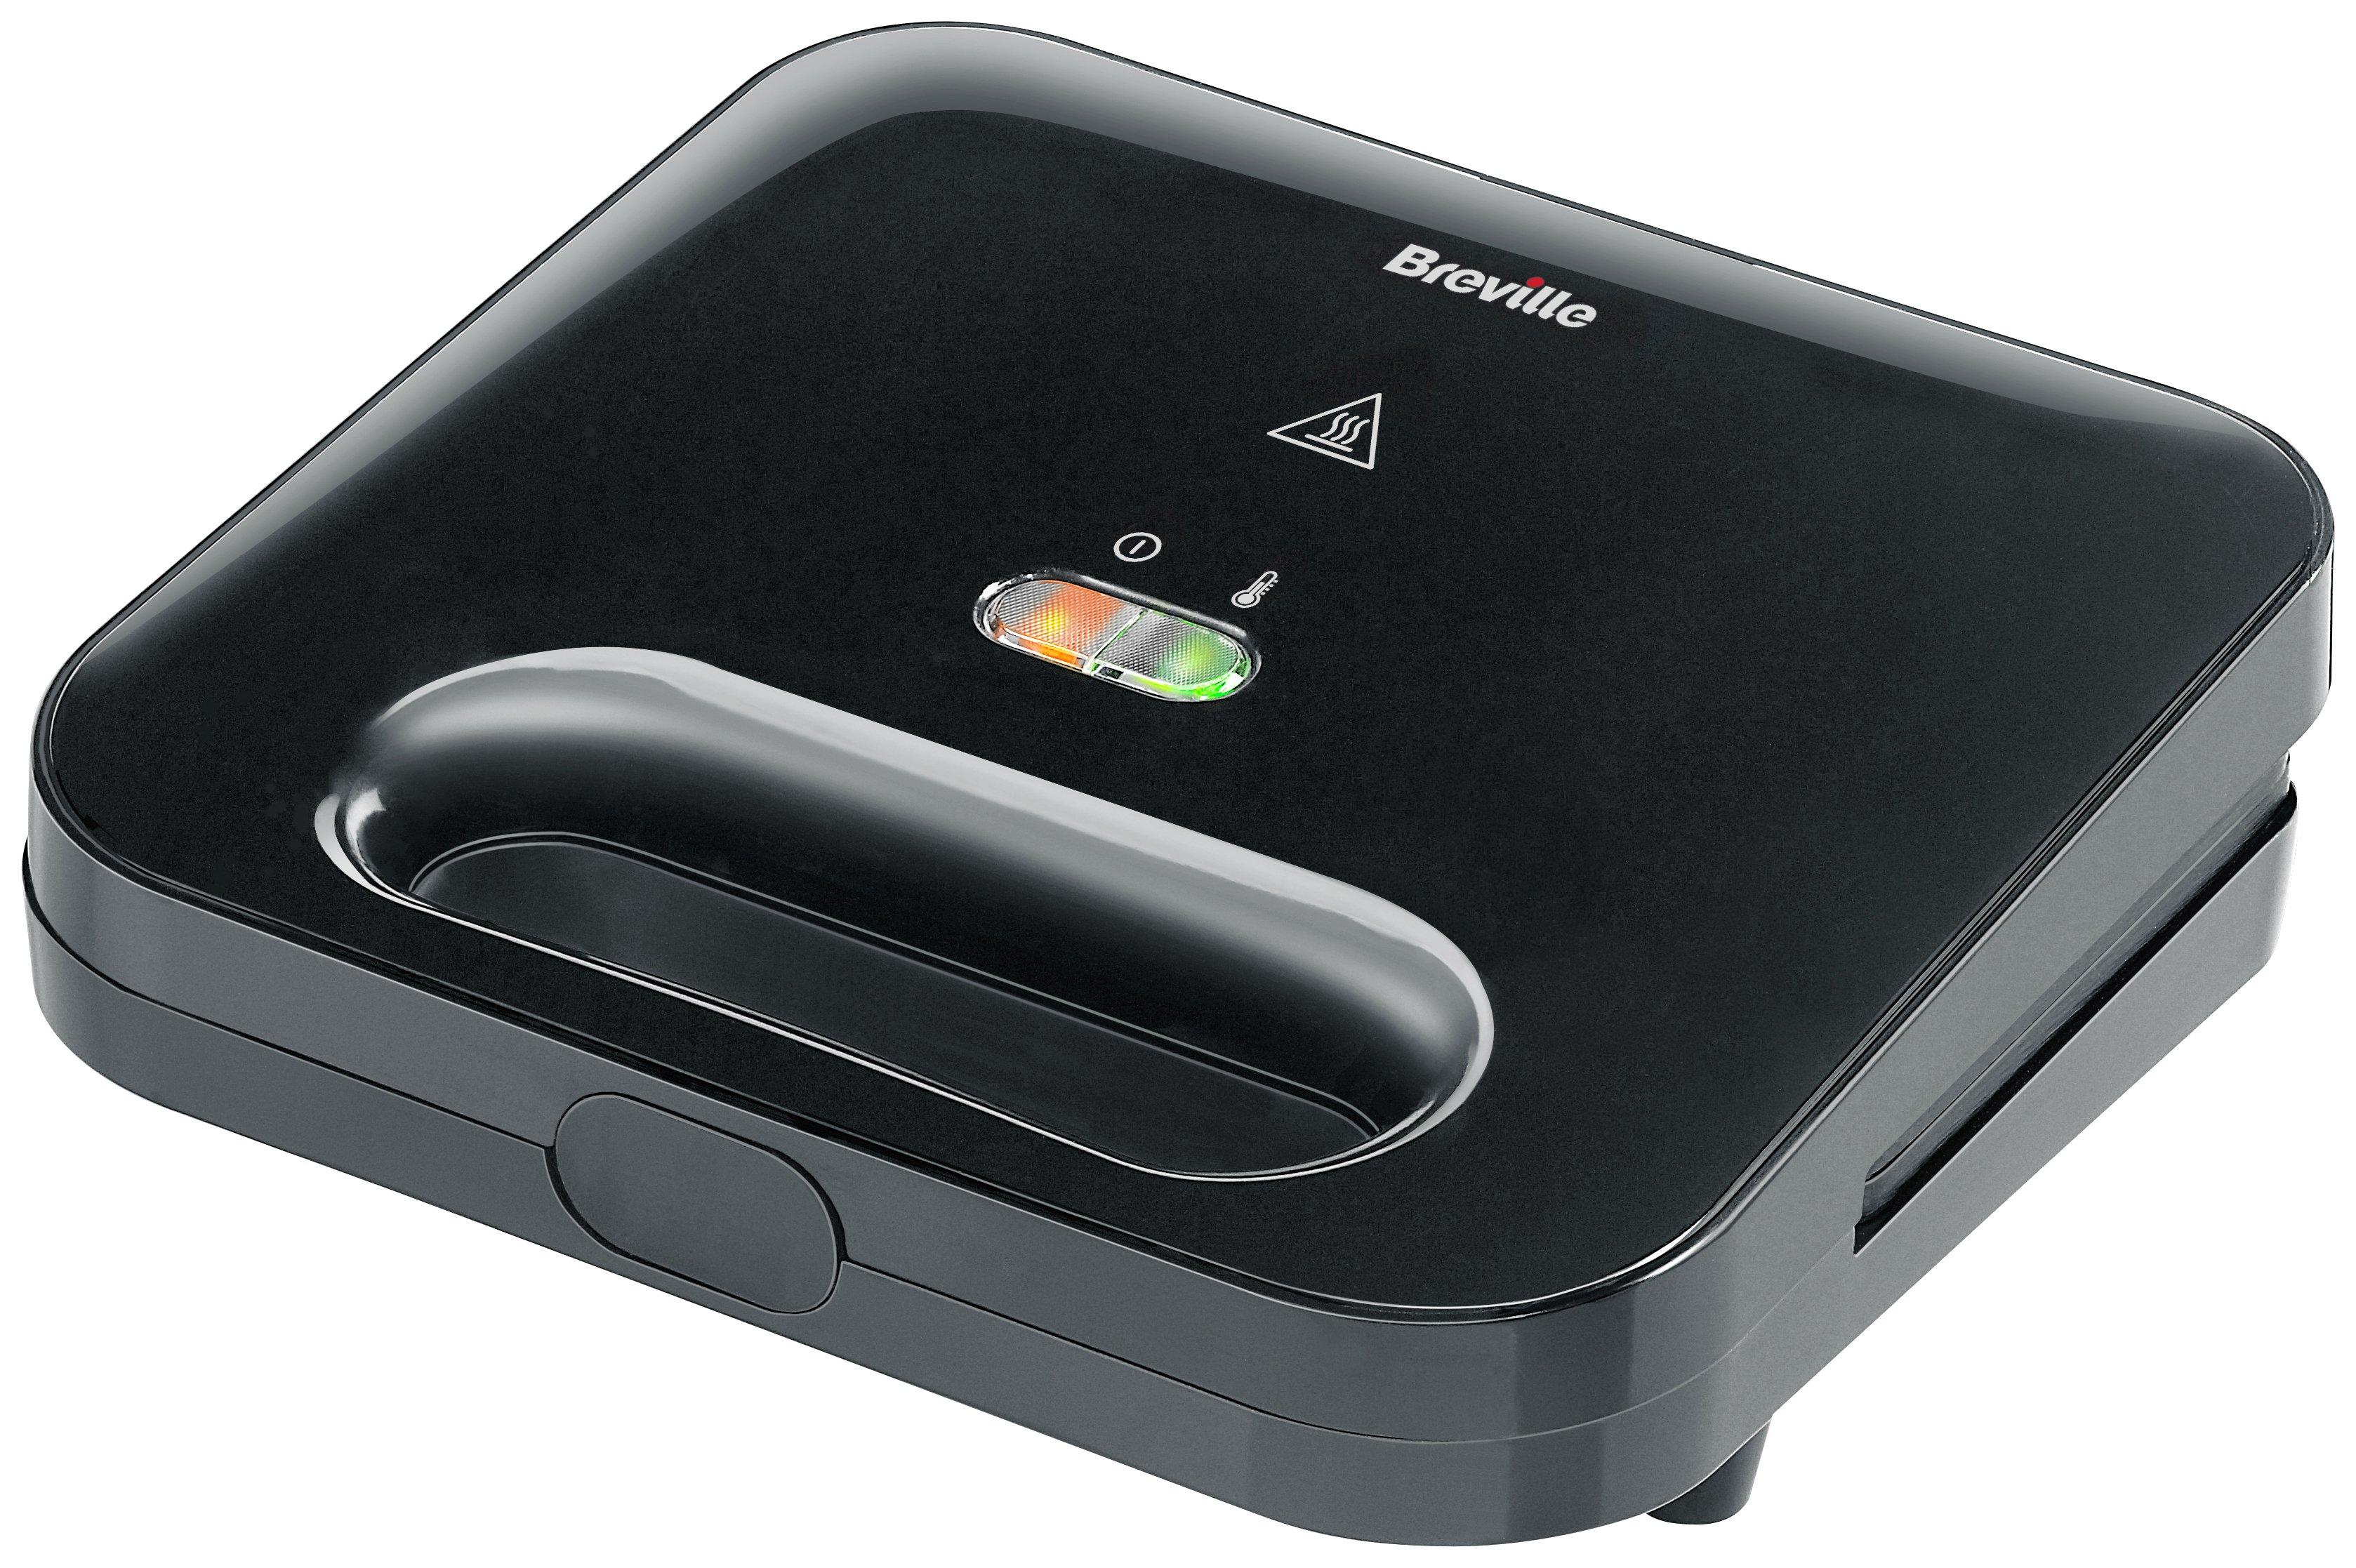 Breville VST057 2 Portion Sandwich Toaster - Black